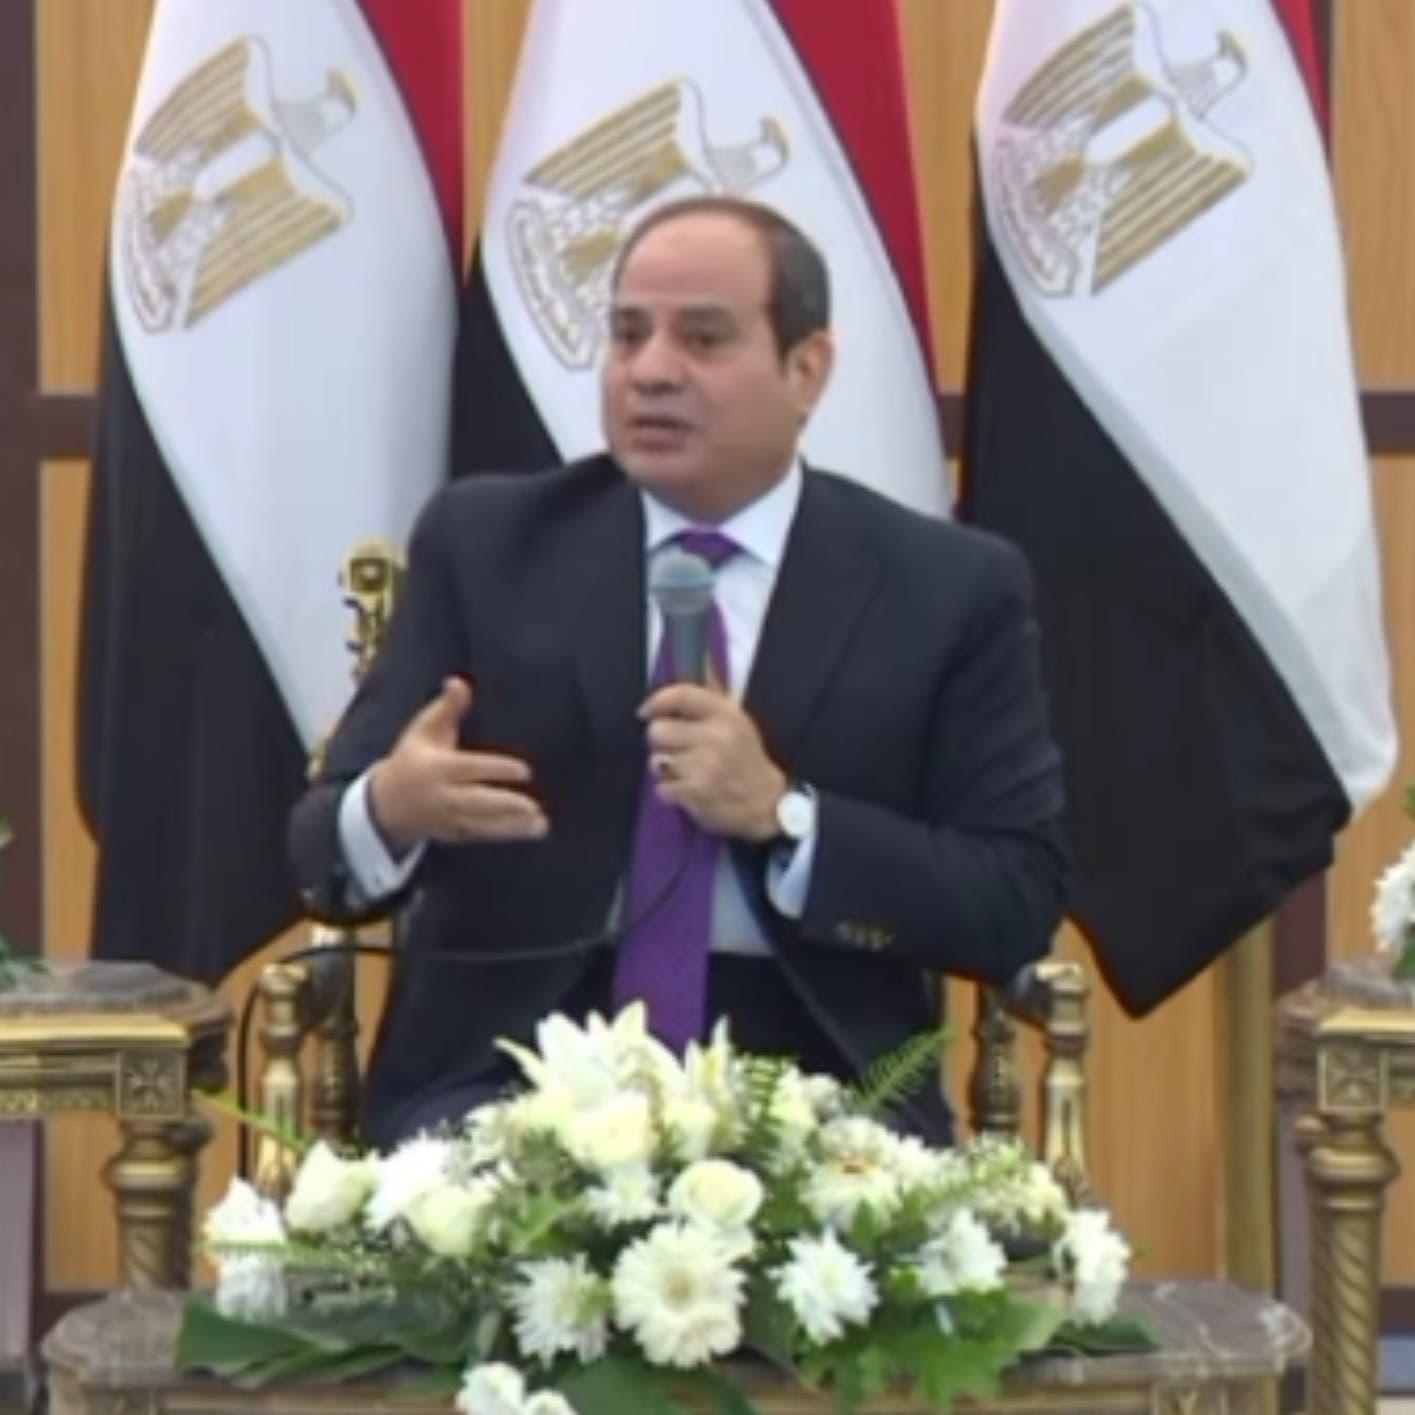 السيسي: الشركات والعمالة المصرية جاهزة للسفر والعمل بليبيا